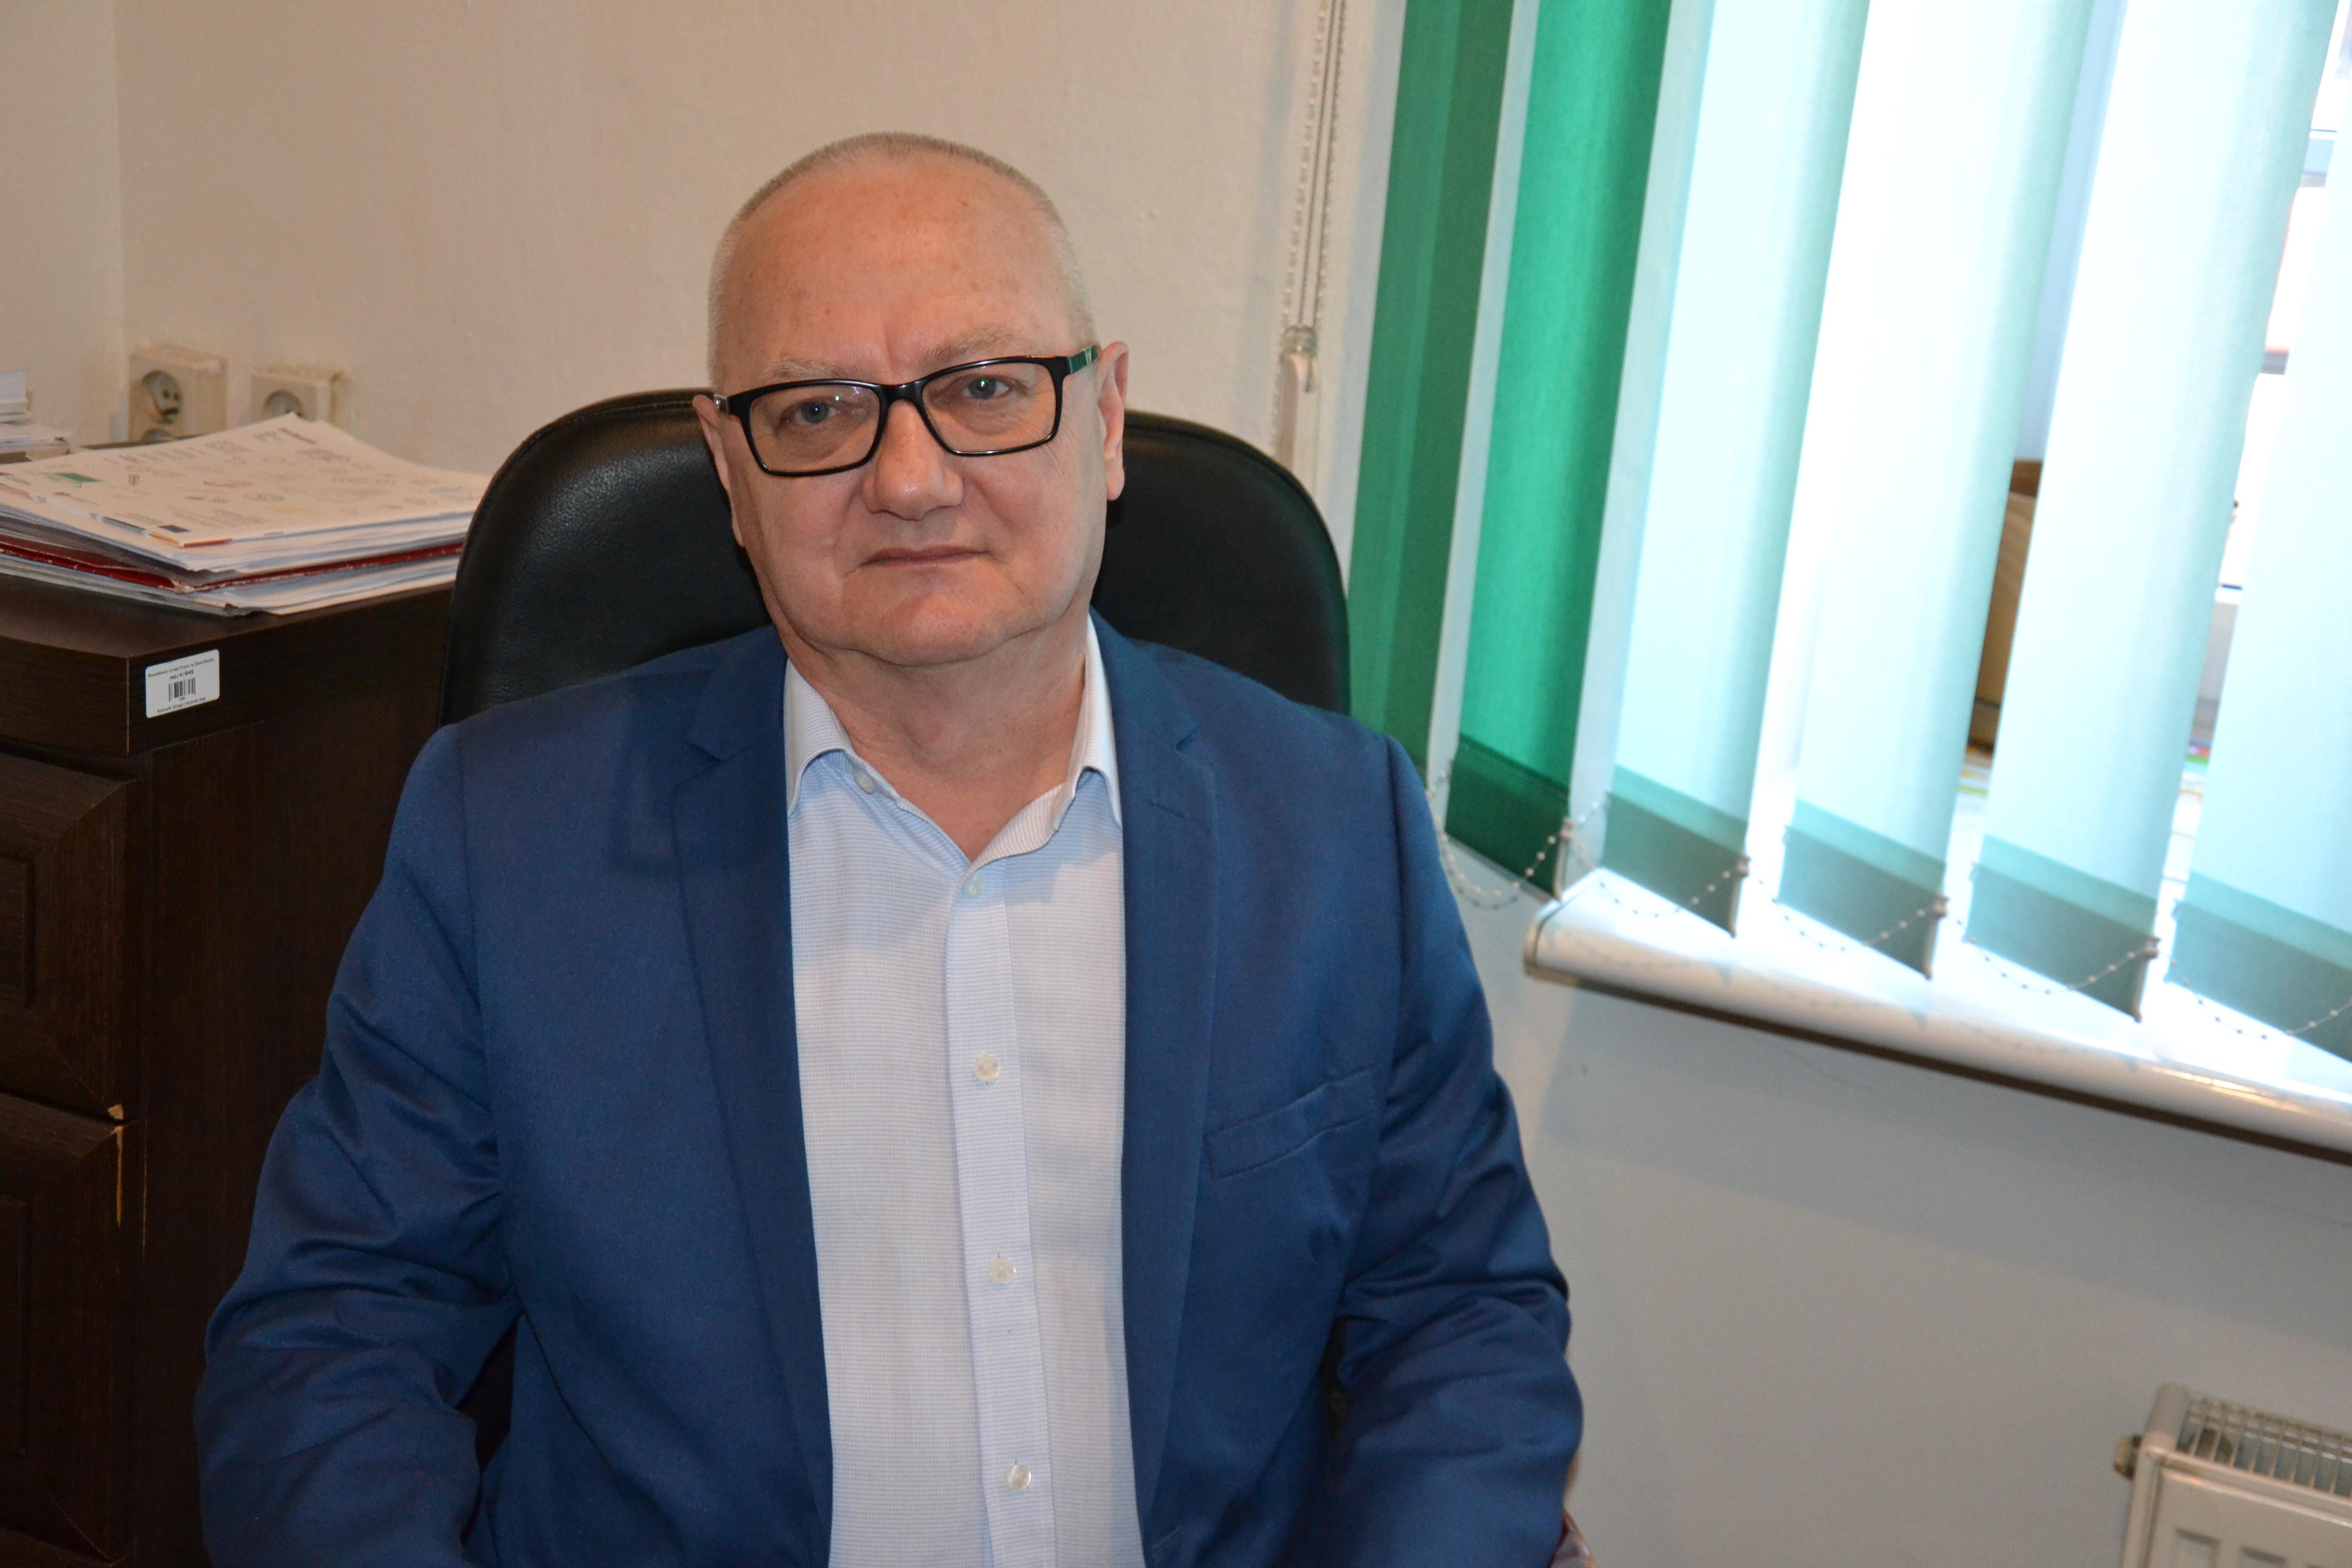 Bezrobocia w Mszczonowie prawie nie ma